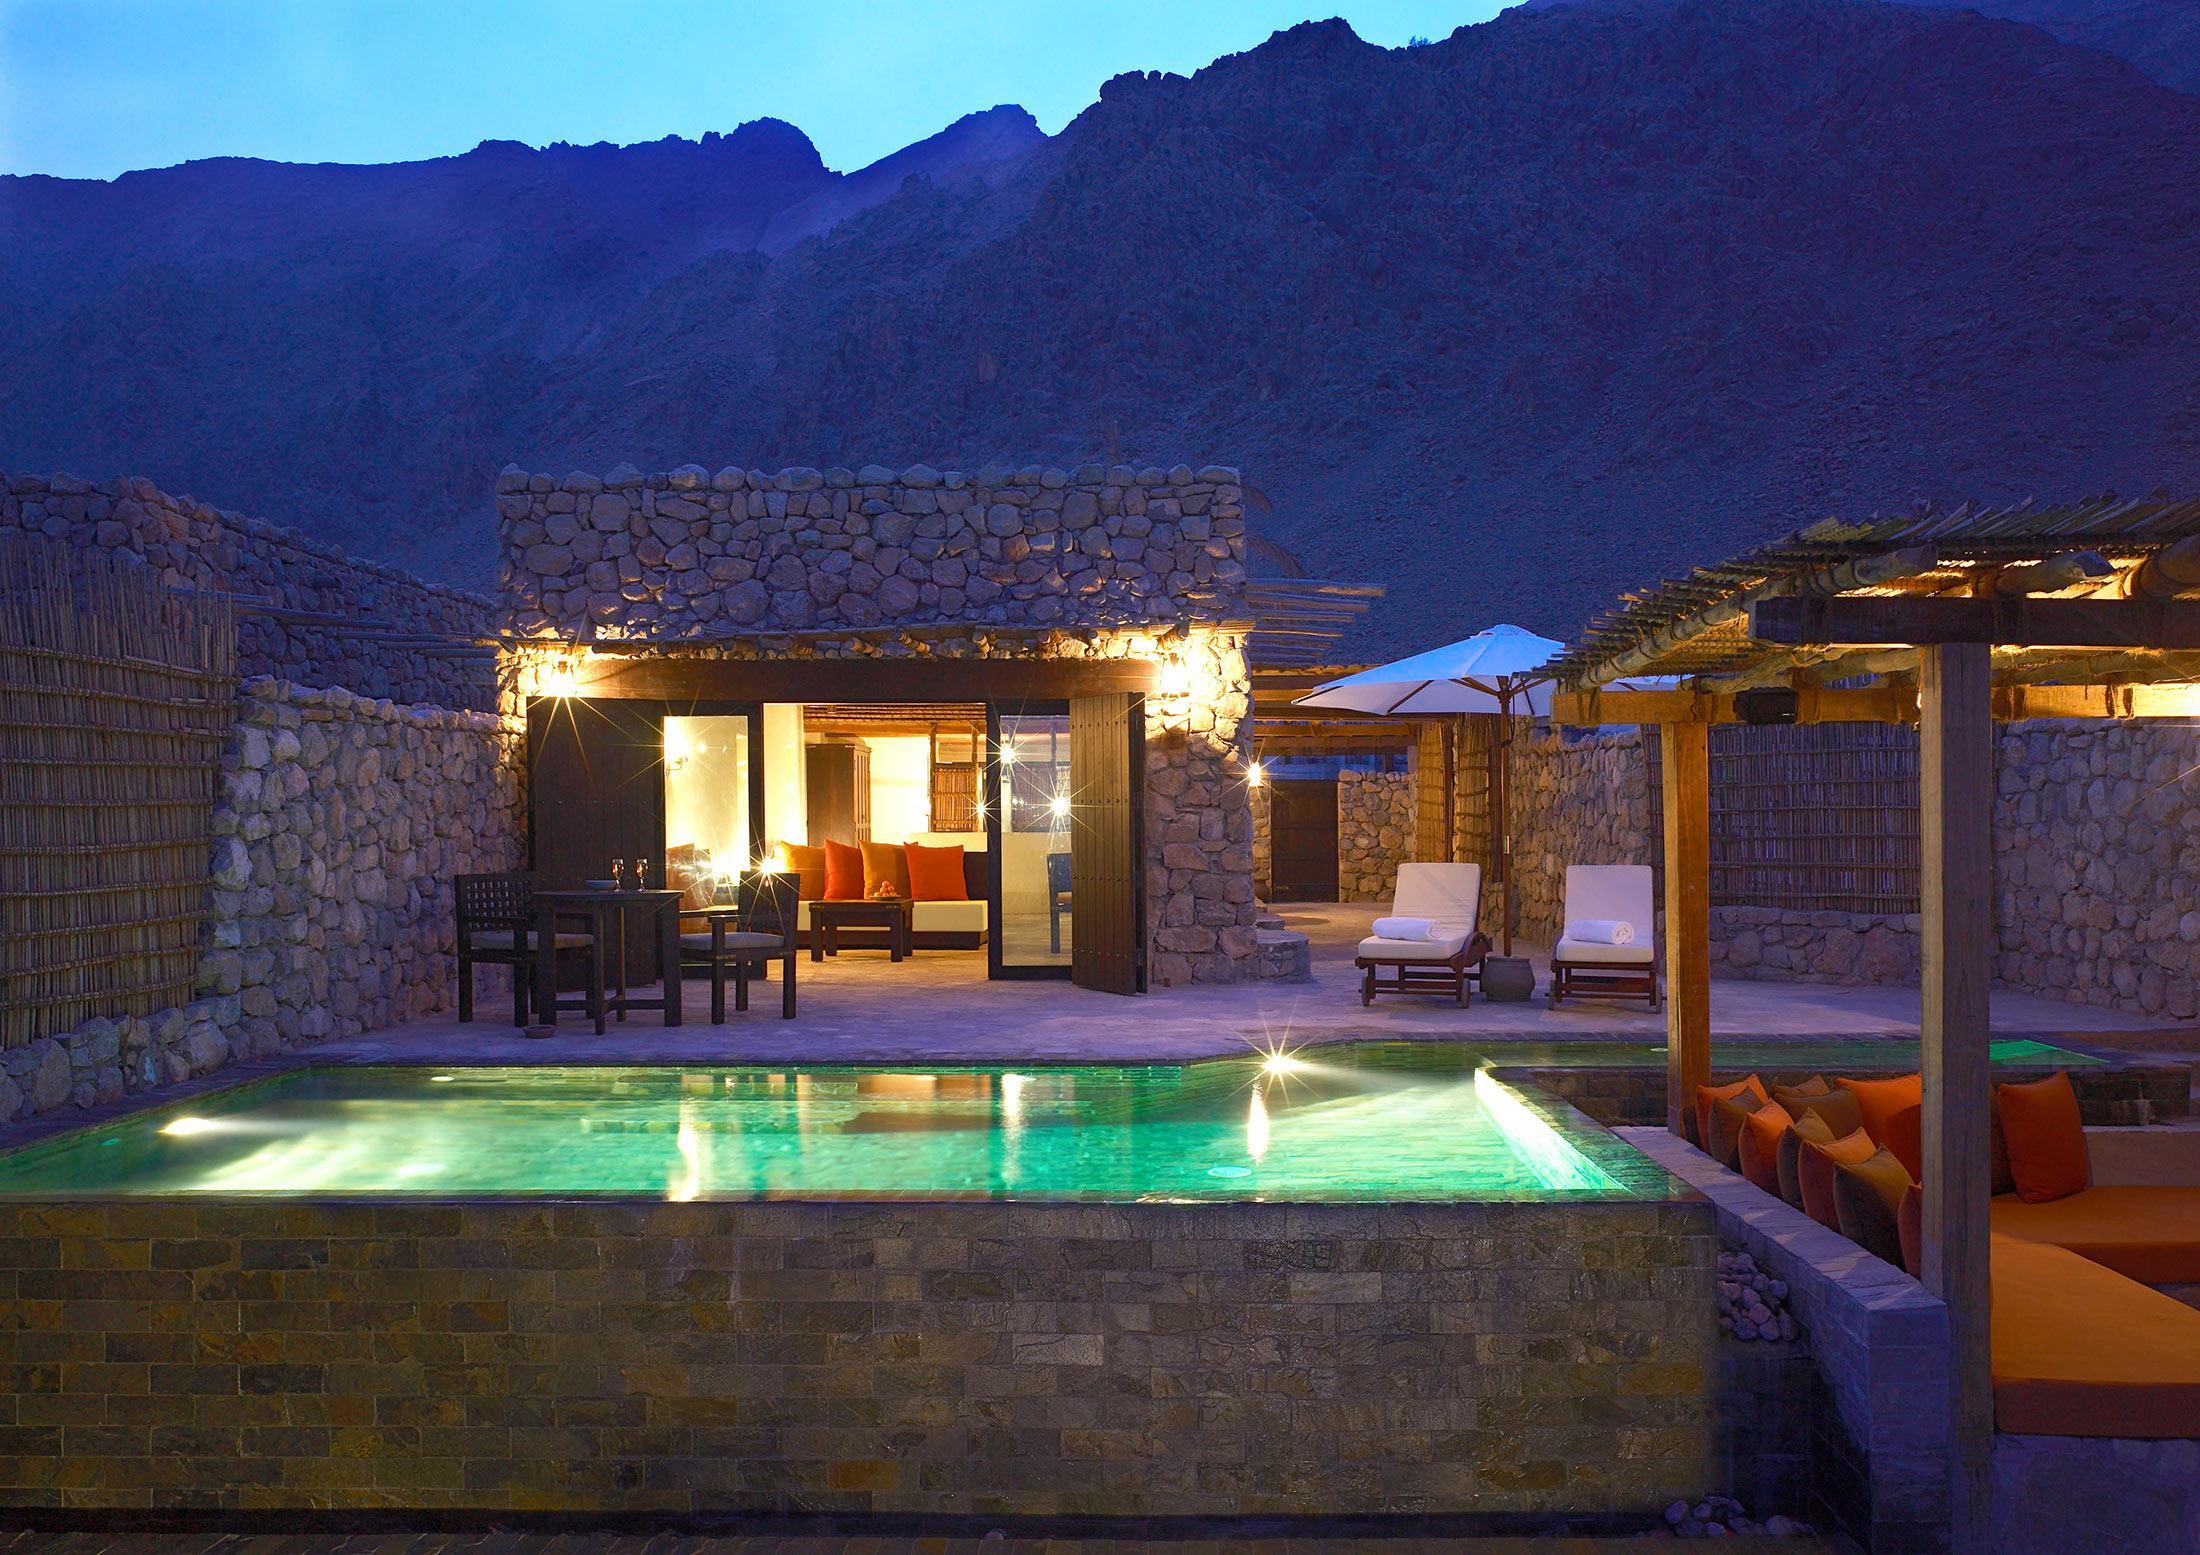 Six Senses Zighy Bay - Musandam Peninsula, Oman